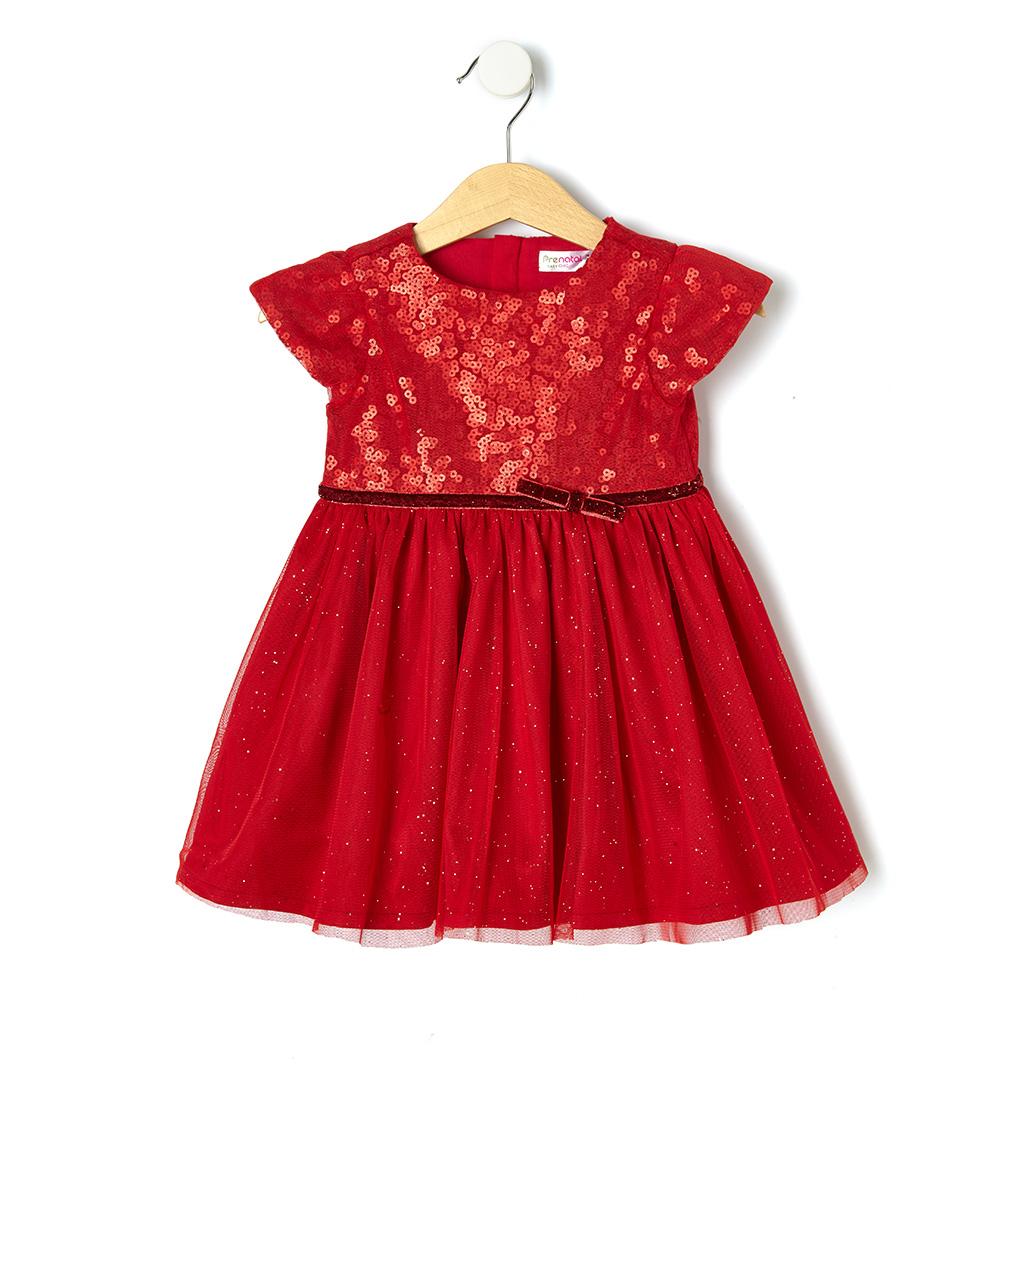 Φόρεμα με Τούλι και Παγιέτες για Κορίτσι